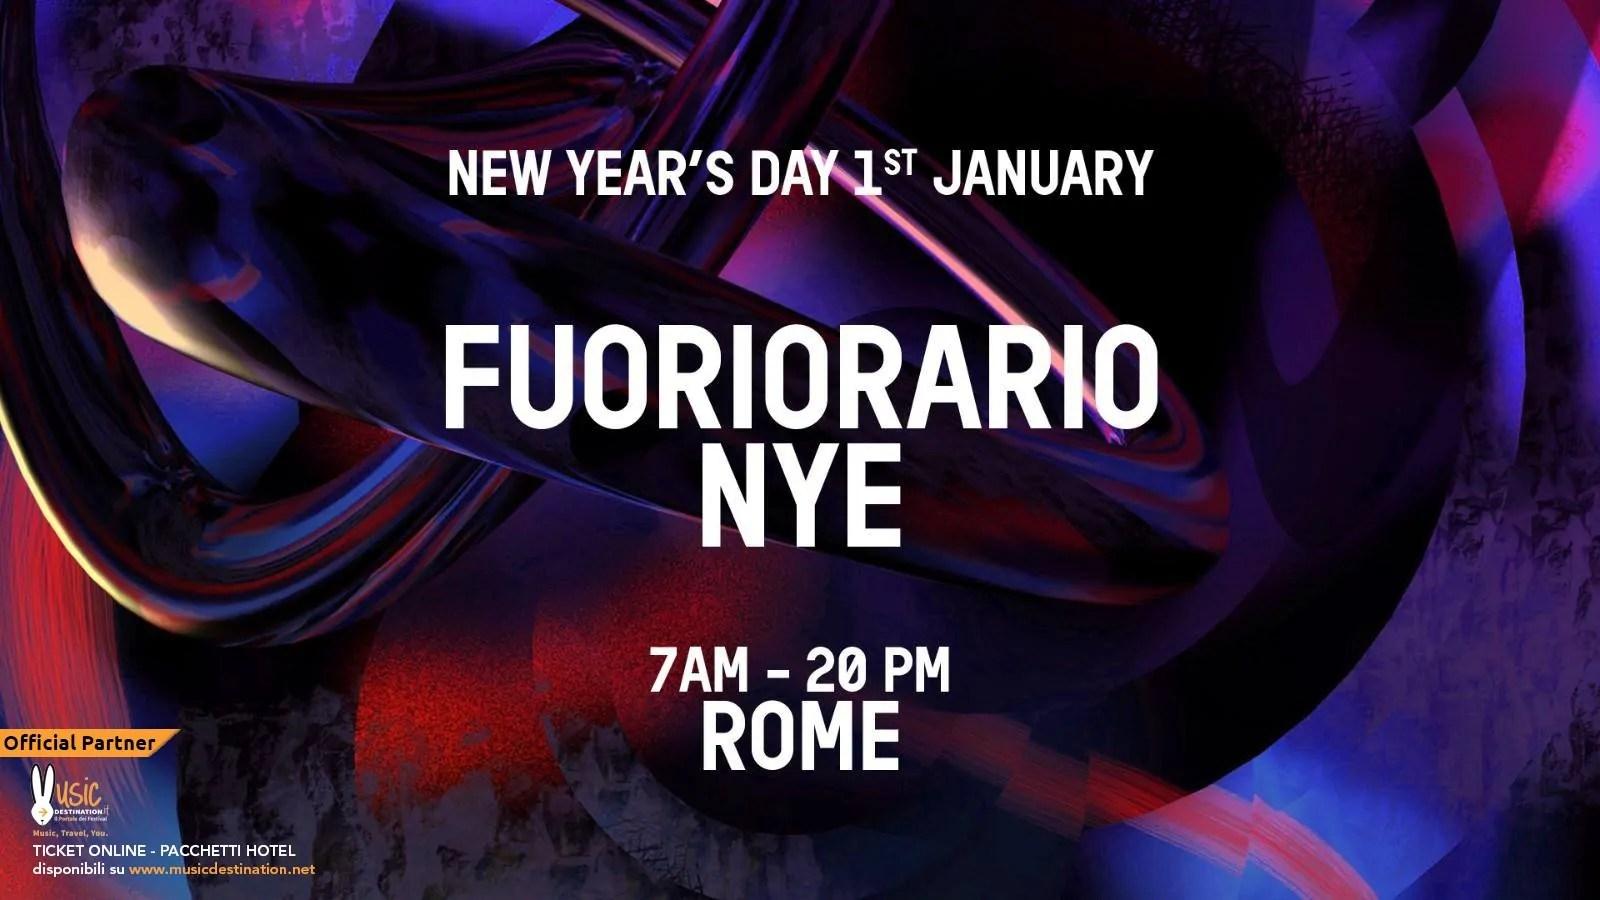 After Fuoriorario Atlantico Live Capodanno Cosmo 01 Gennaio 2019 | Prezzi Ticket Tavoli Pacchetti Hotel